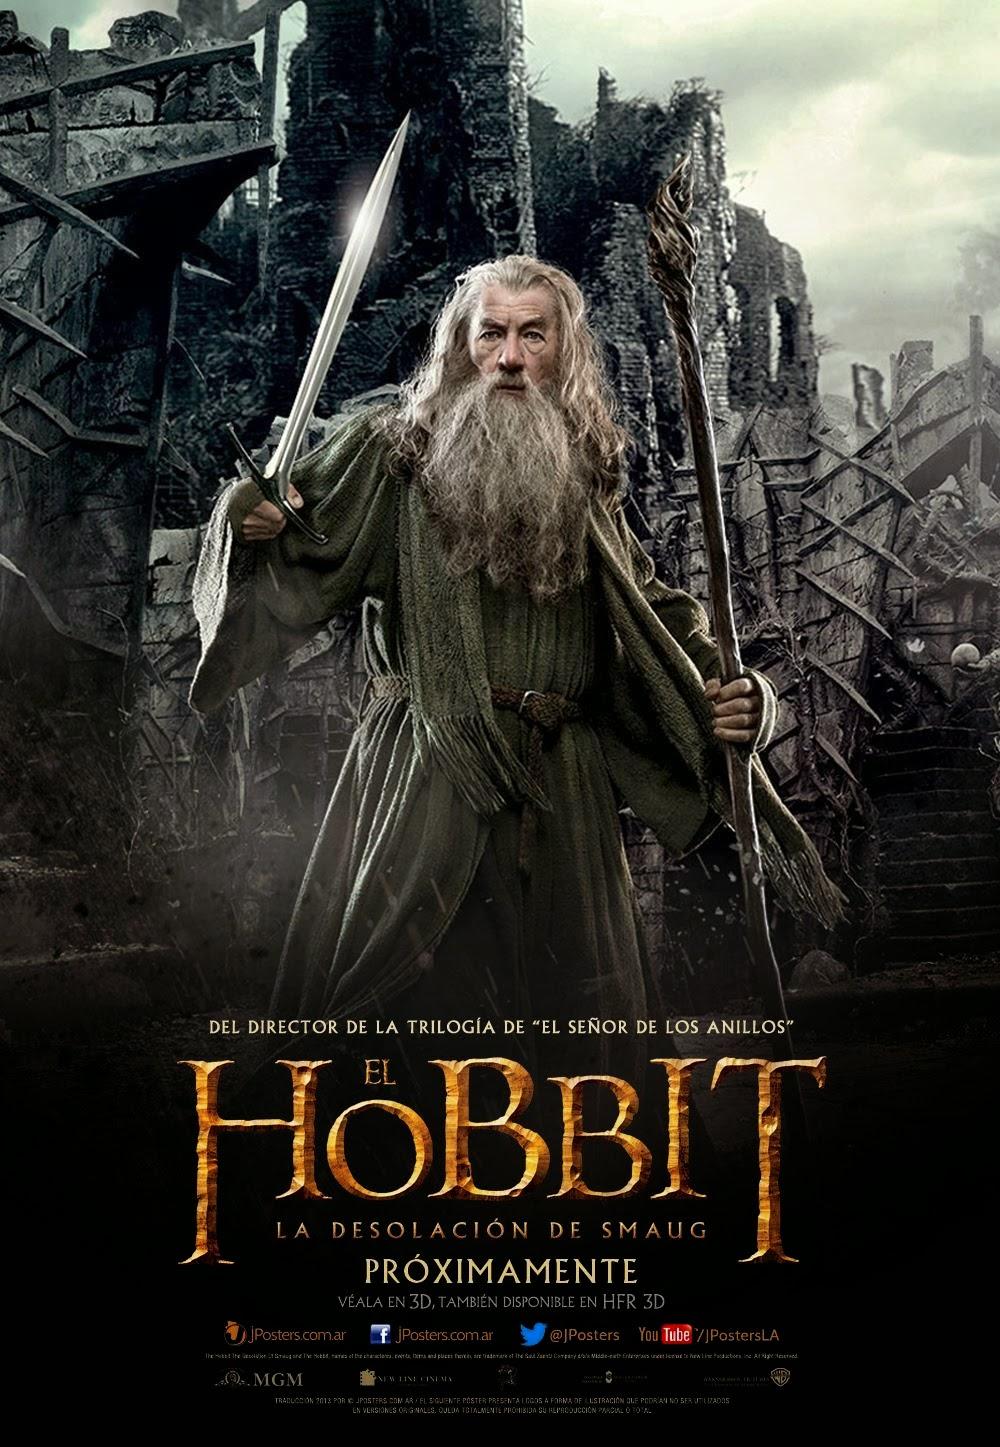 El Hobbit: La desolación de Smaug 3D SBS Dual 2013